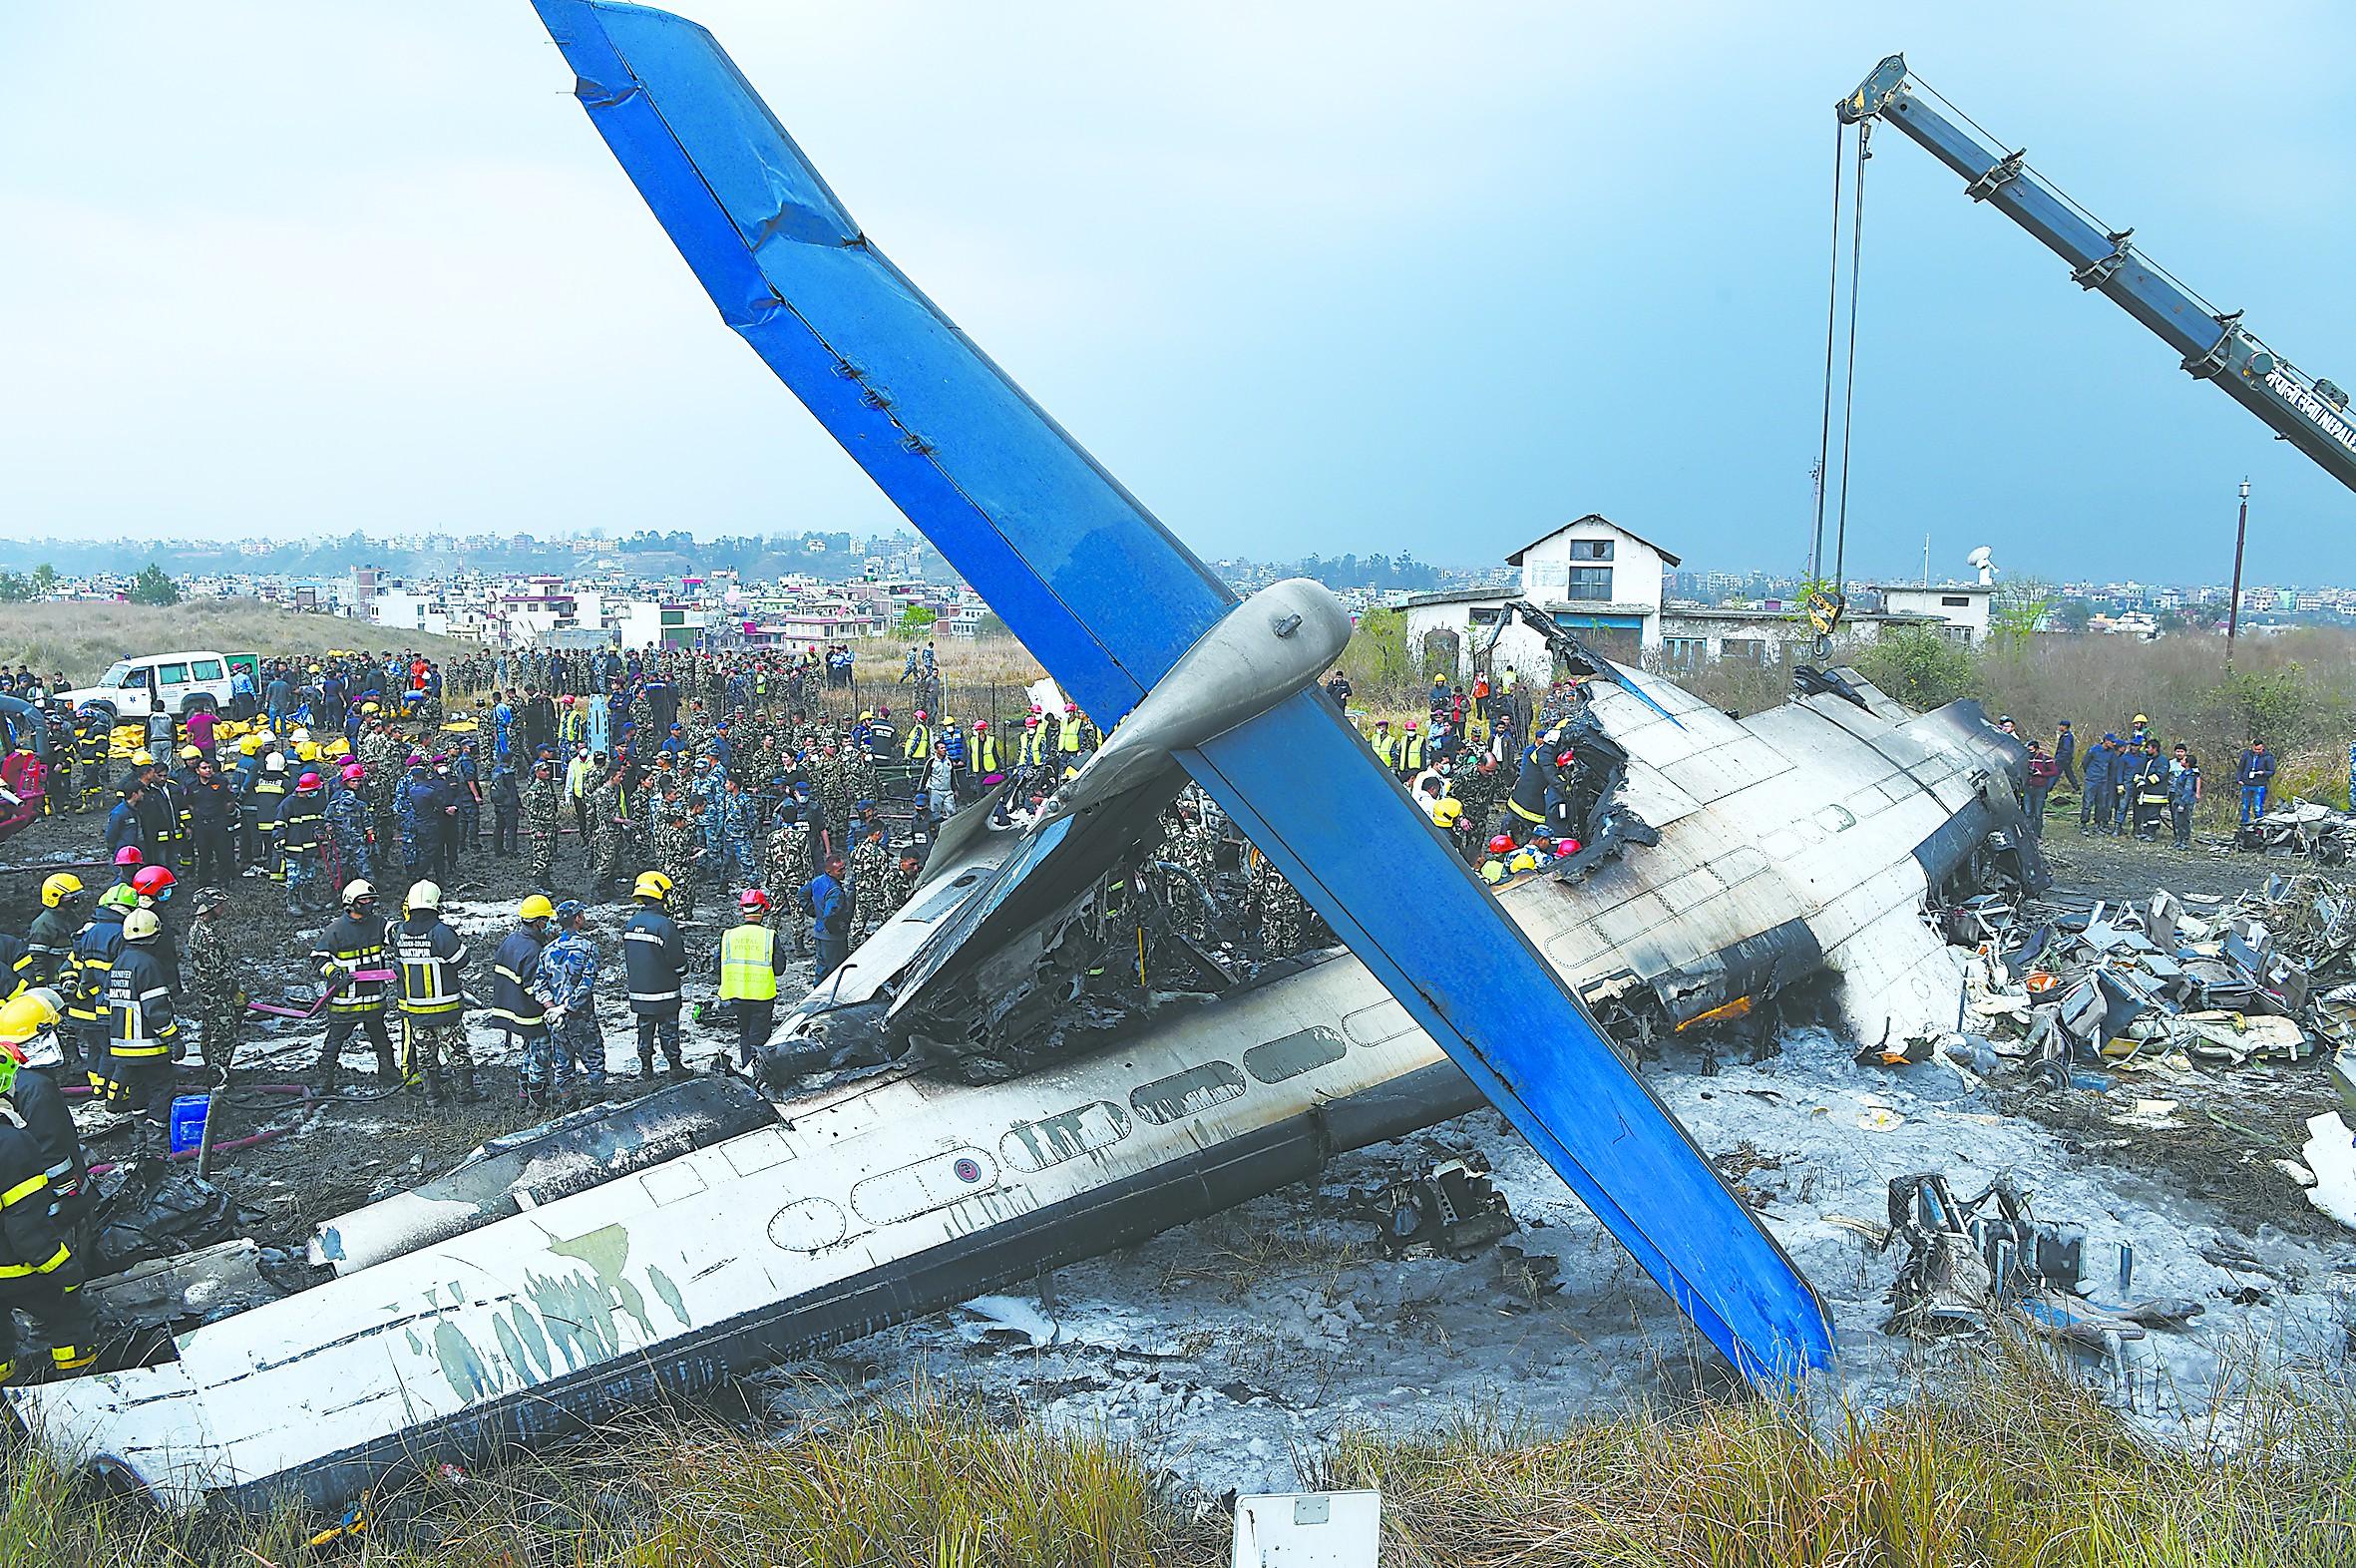 孟加拉国客机坠毁49人遇难 一中国公民伤亡情况不详